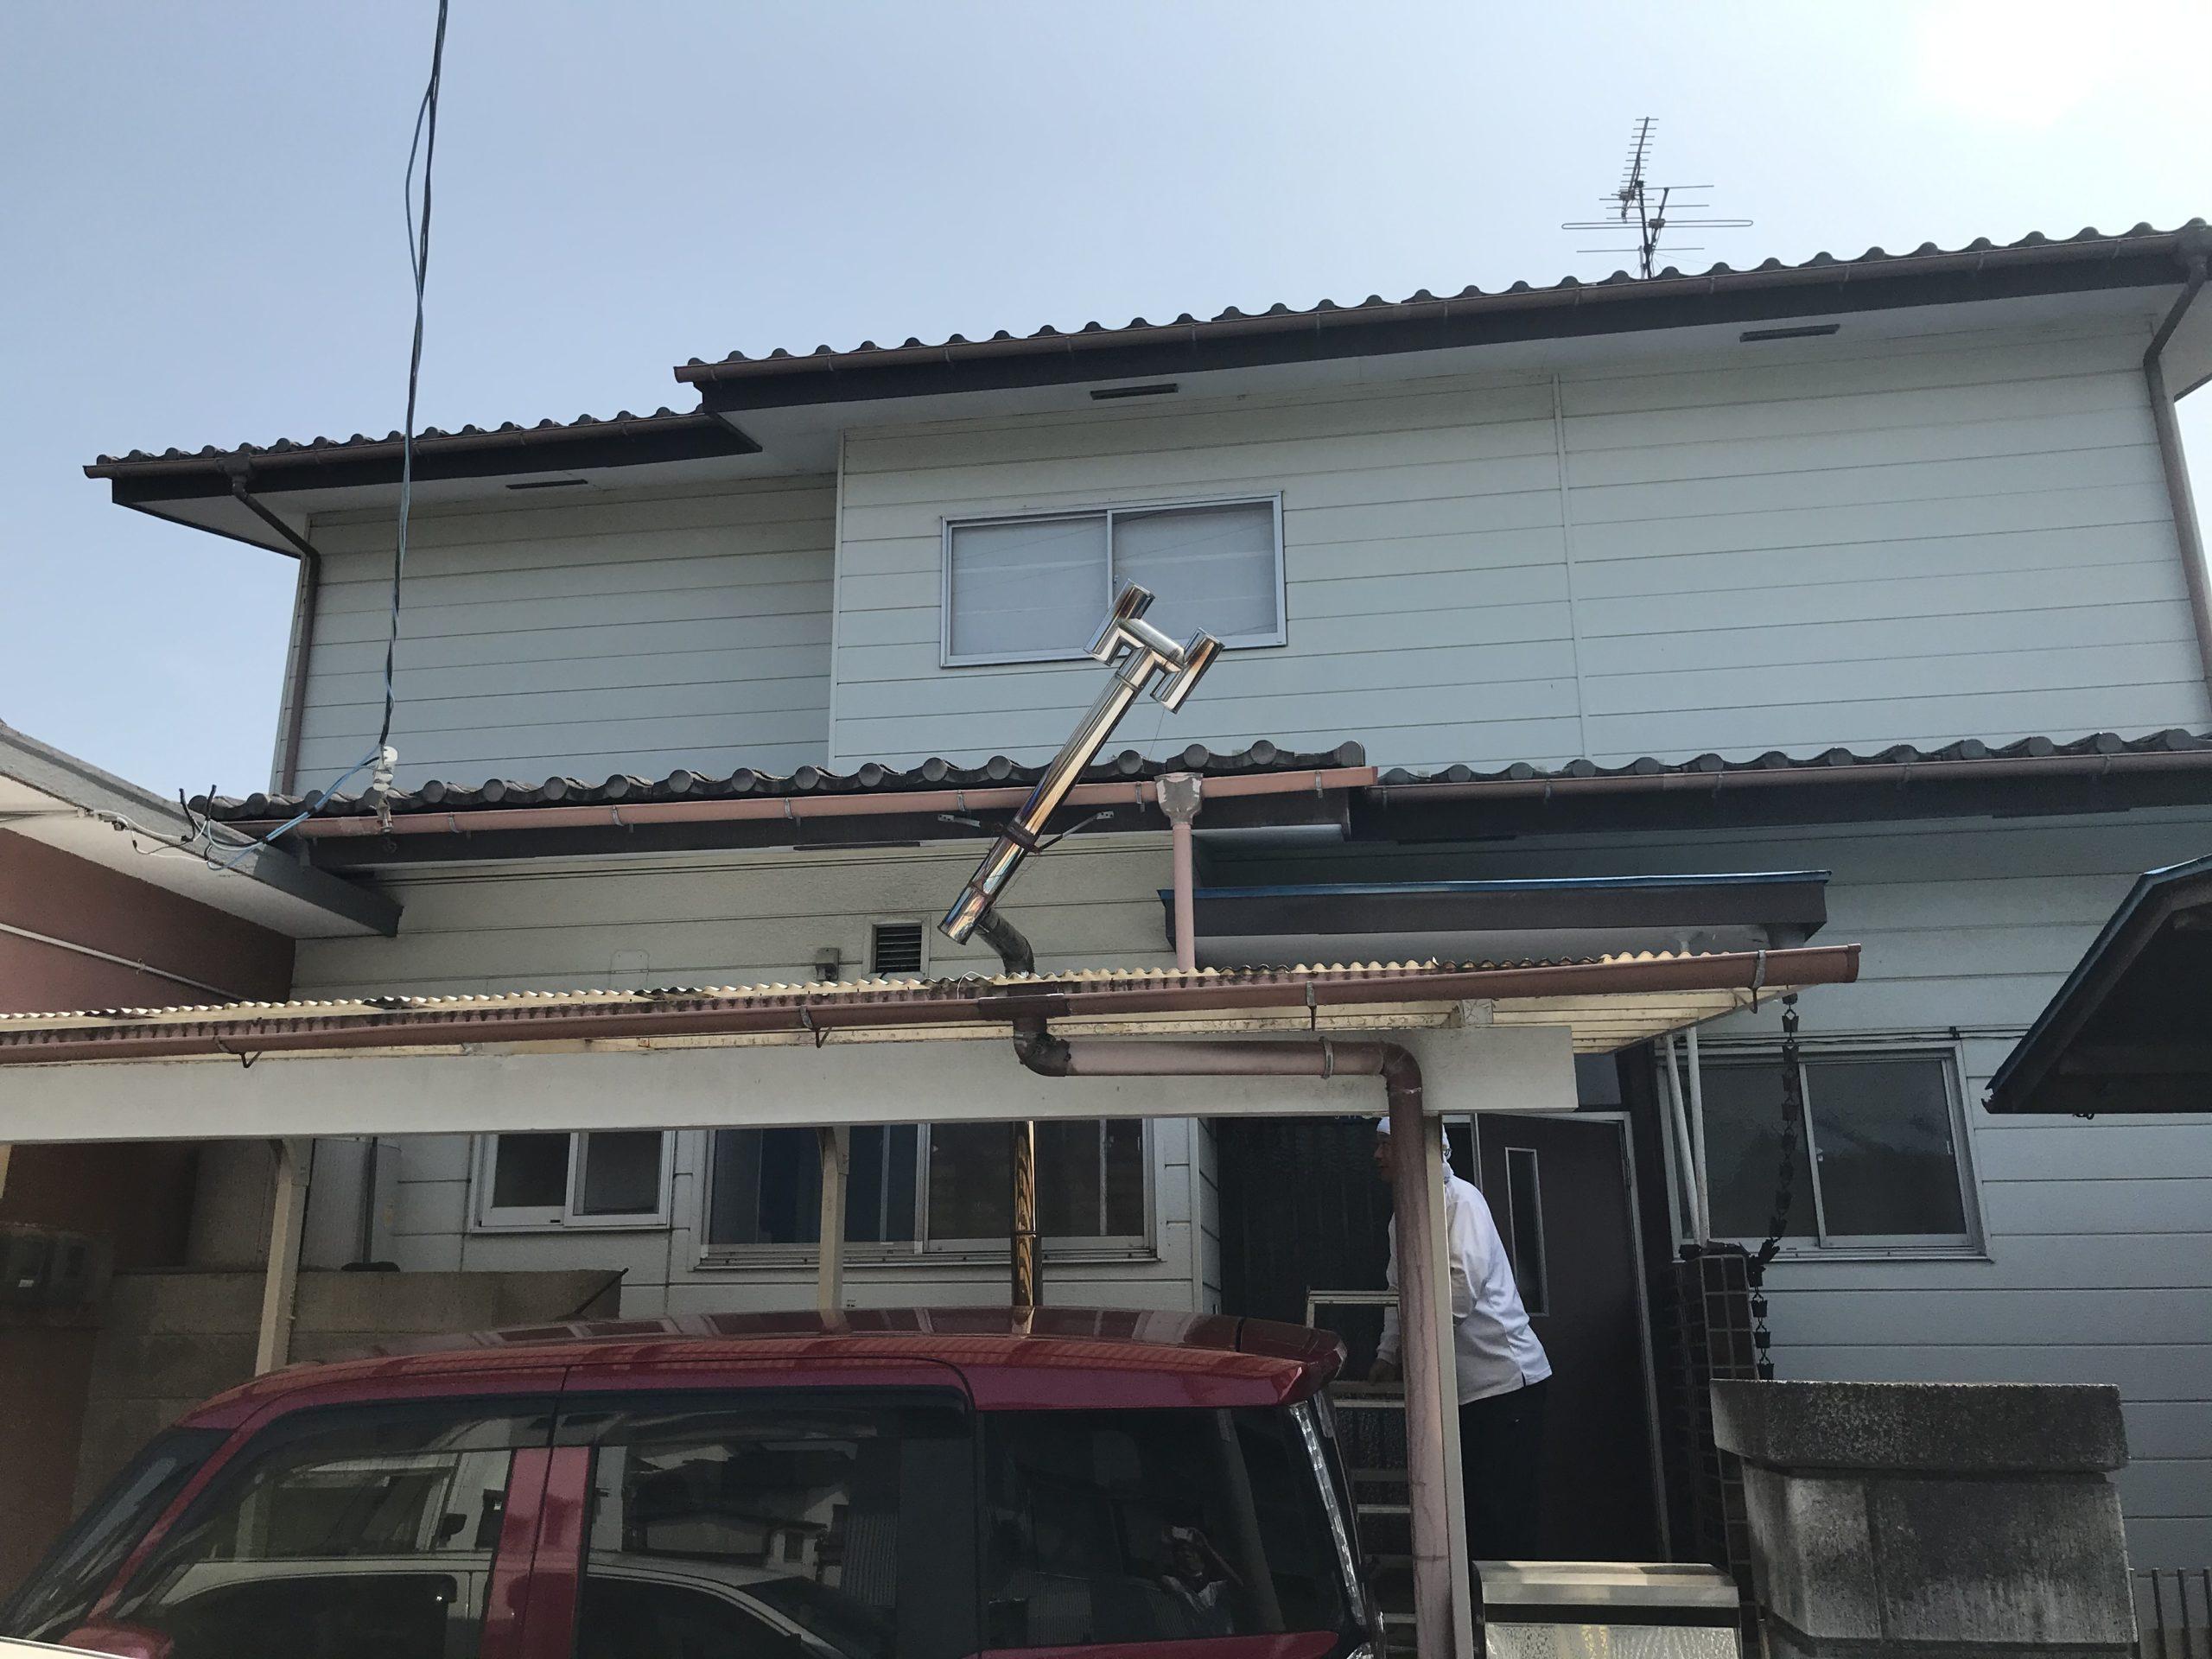 岩沼市で煙突の補修